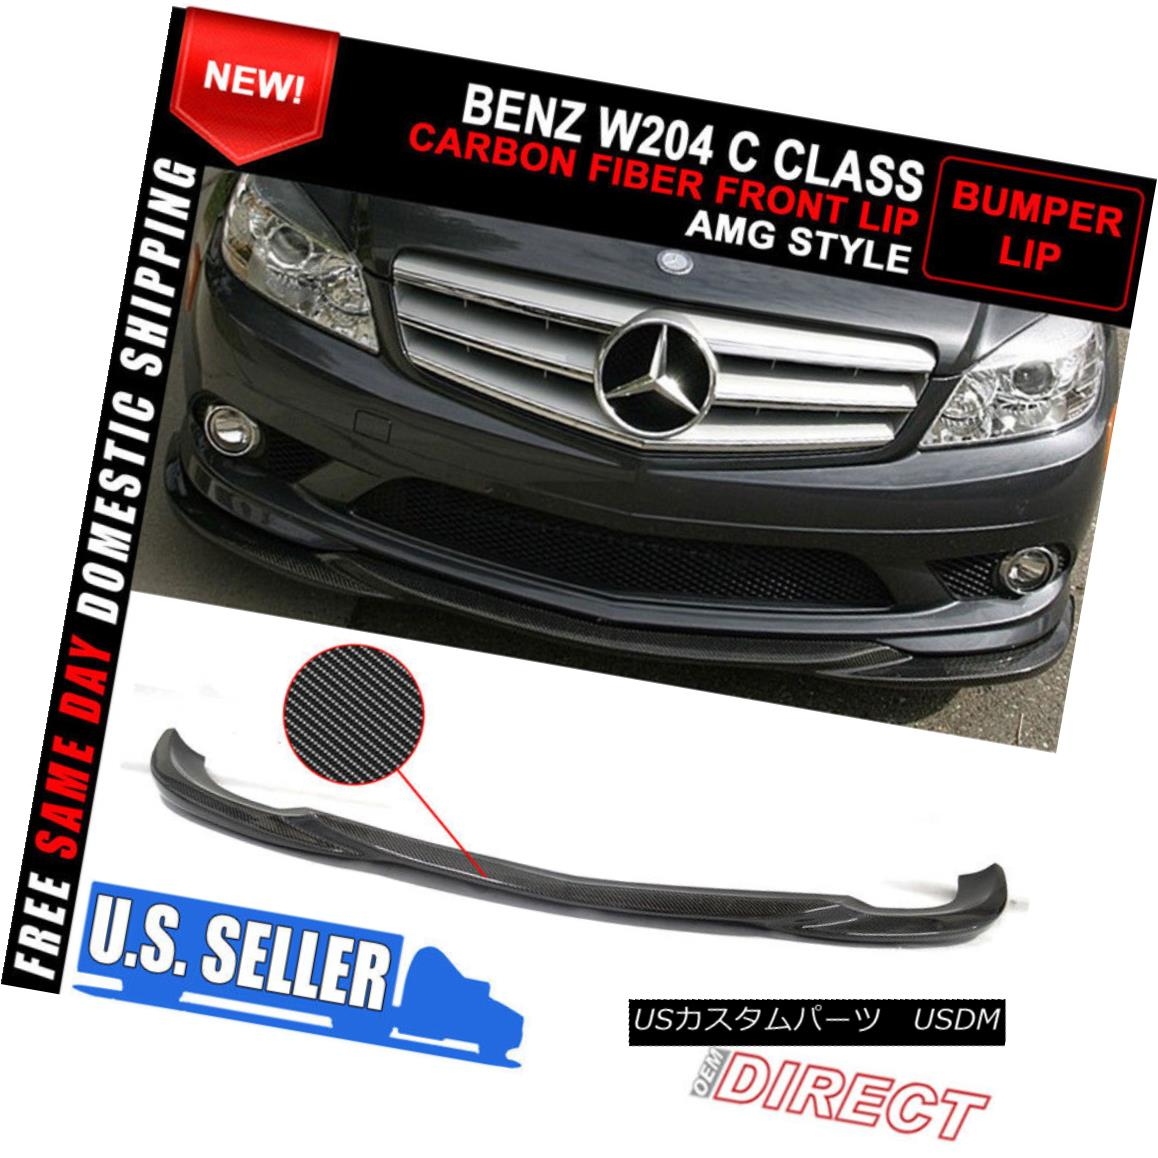 エアロパーツ 08-11 Mercedes Benz C Class W204 Sedan Carbon Fiber AMG Style Front Bumper Lip 08-11メルセデスベンツCクラスW204セダンカーボンファイバーAMGスタイルフロントバンパーリップ